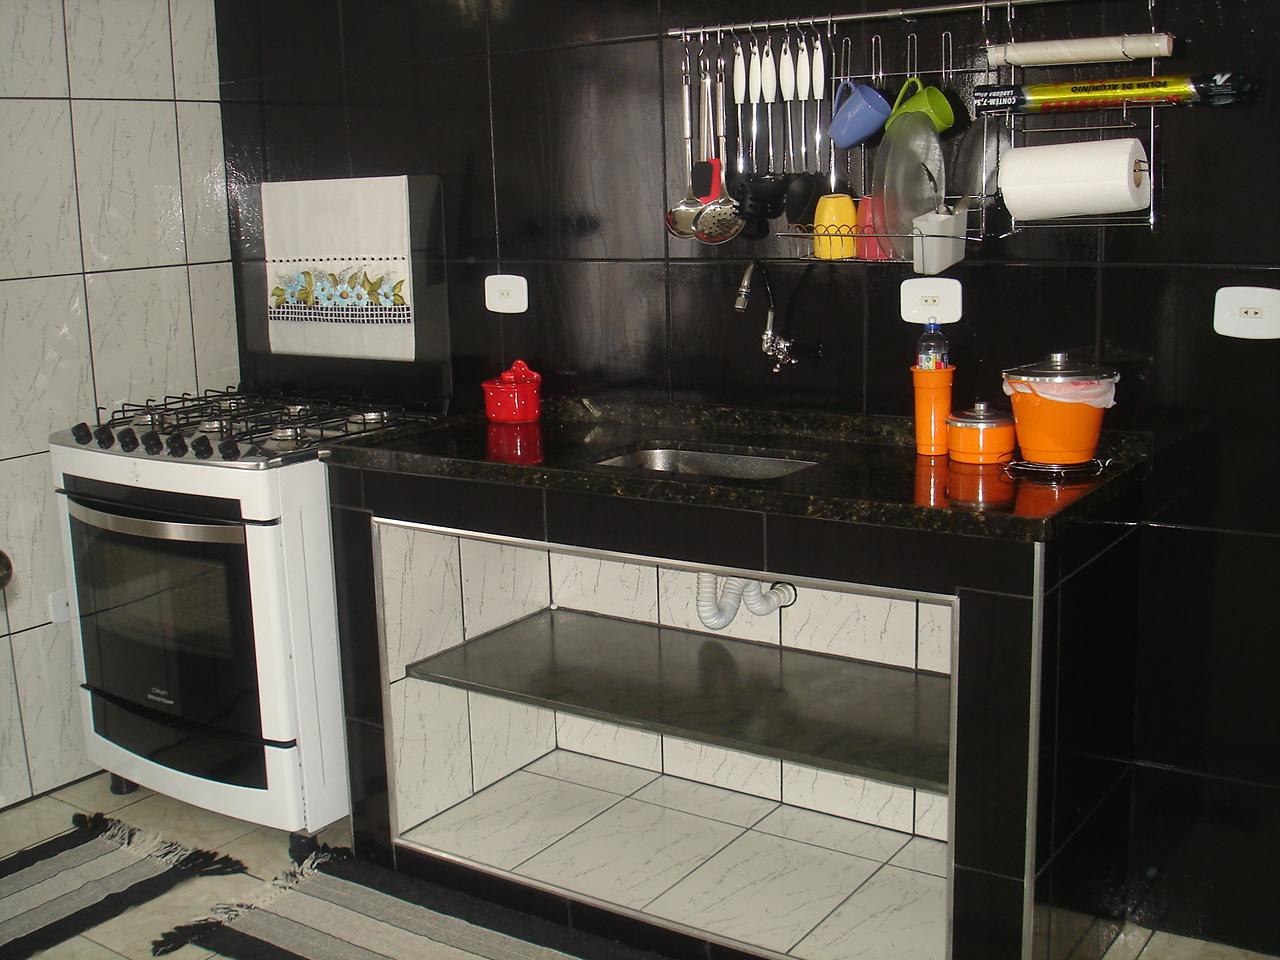 Reciclar reformar e decorar.: Bancadas e balcão de alvenaria #BF620C 1280x960